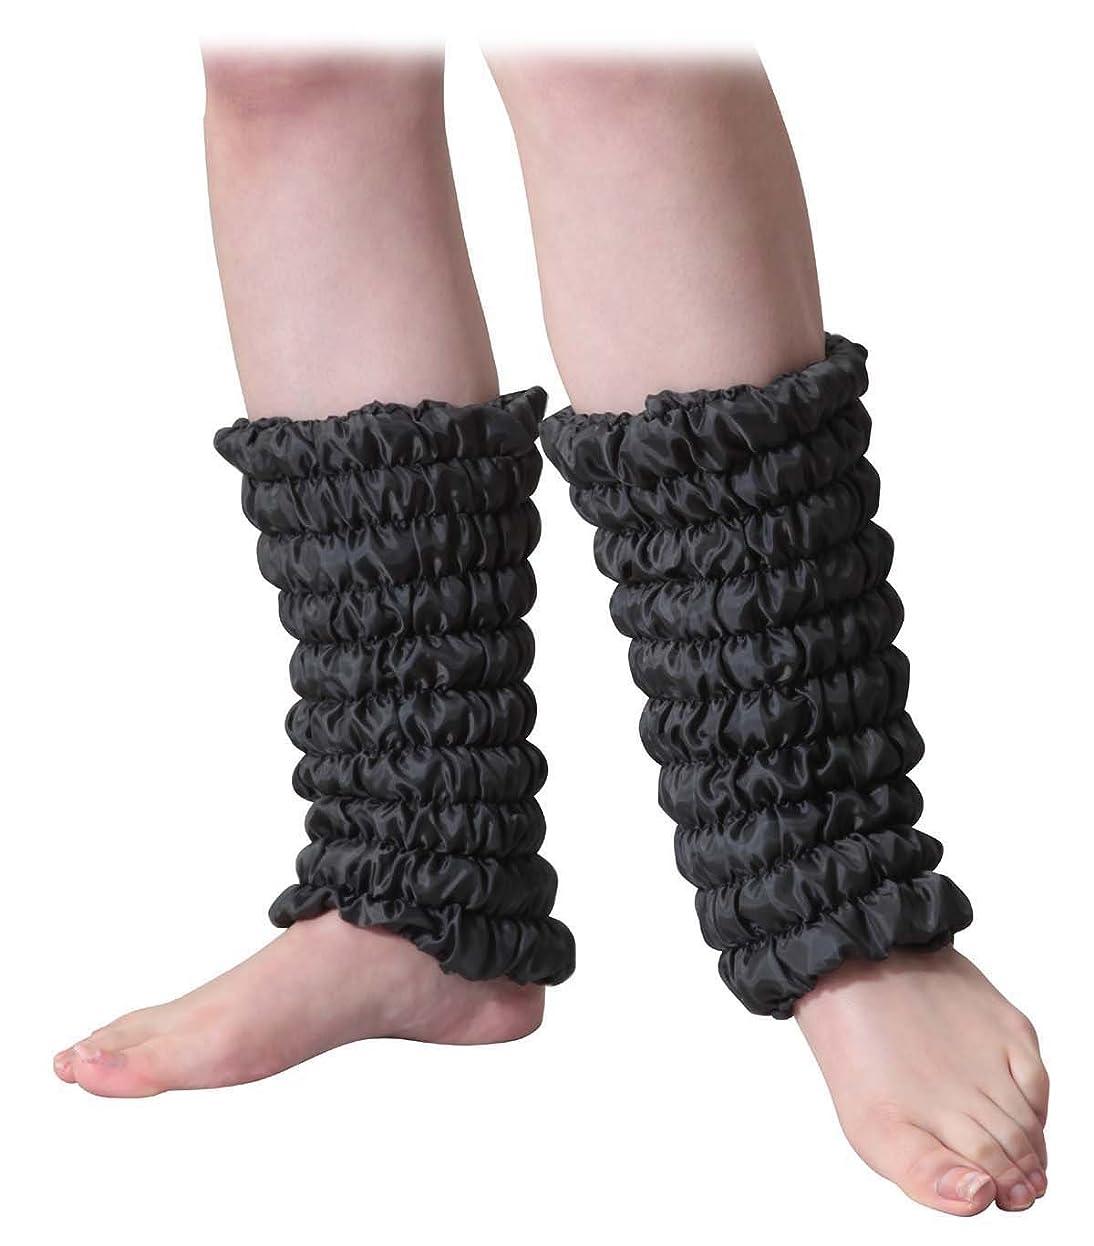 クリスマス濃度請求富士パックス販売 オーラ 蓄熱繊維 足湯気分 「 足首 岩盤浴 ウォーマー 」 ブラック